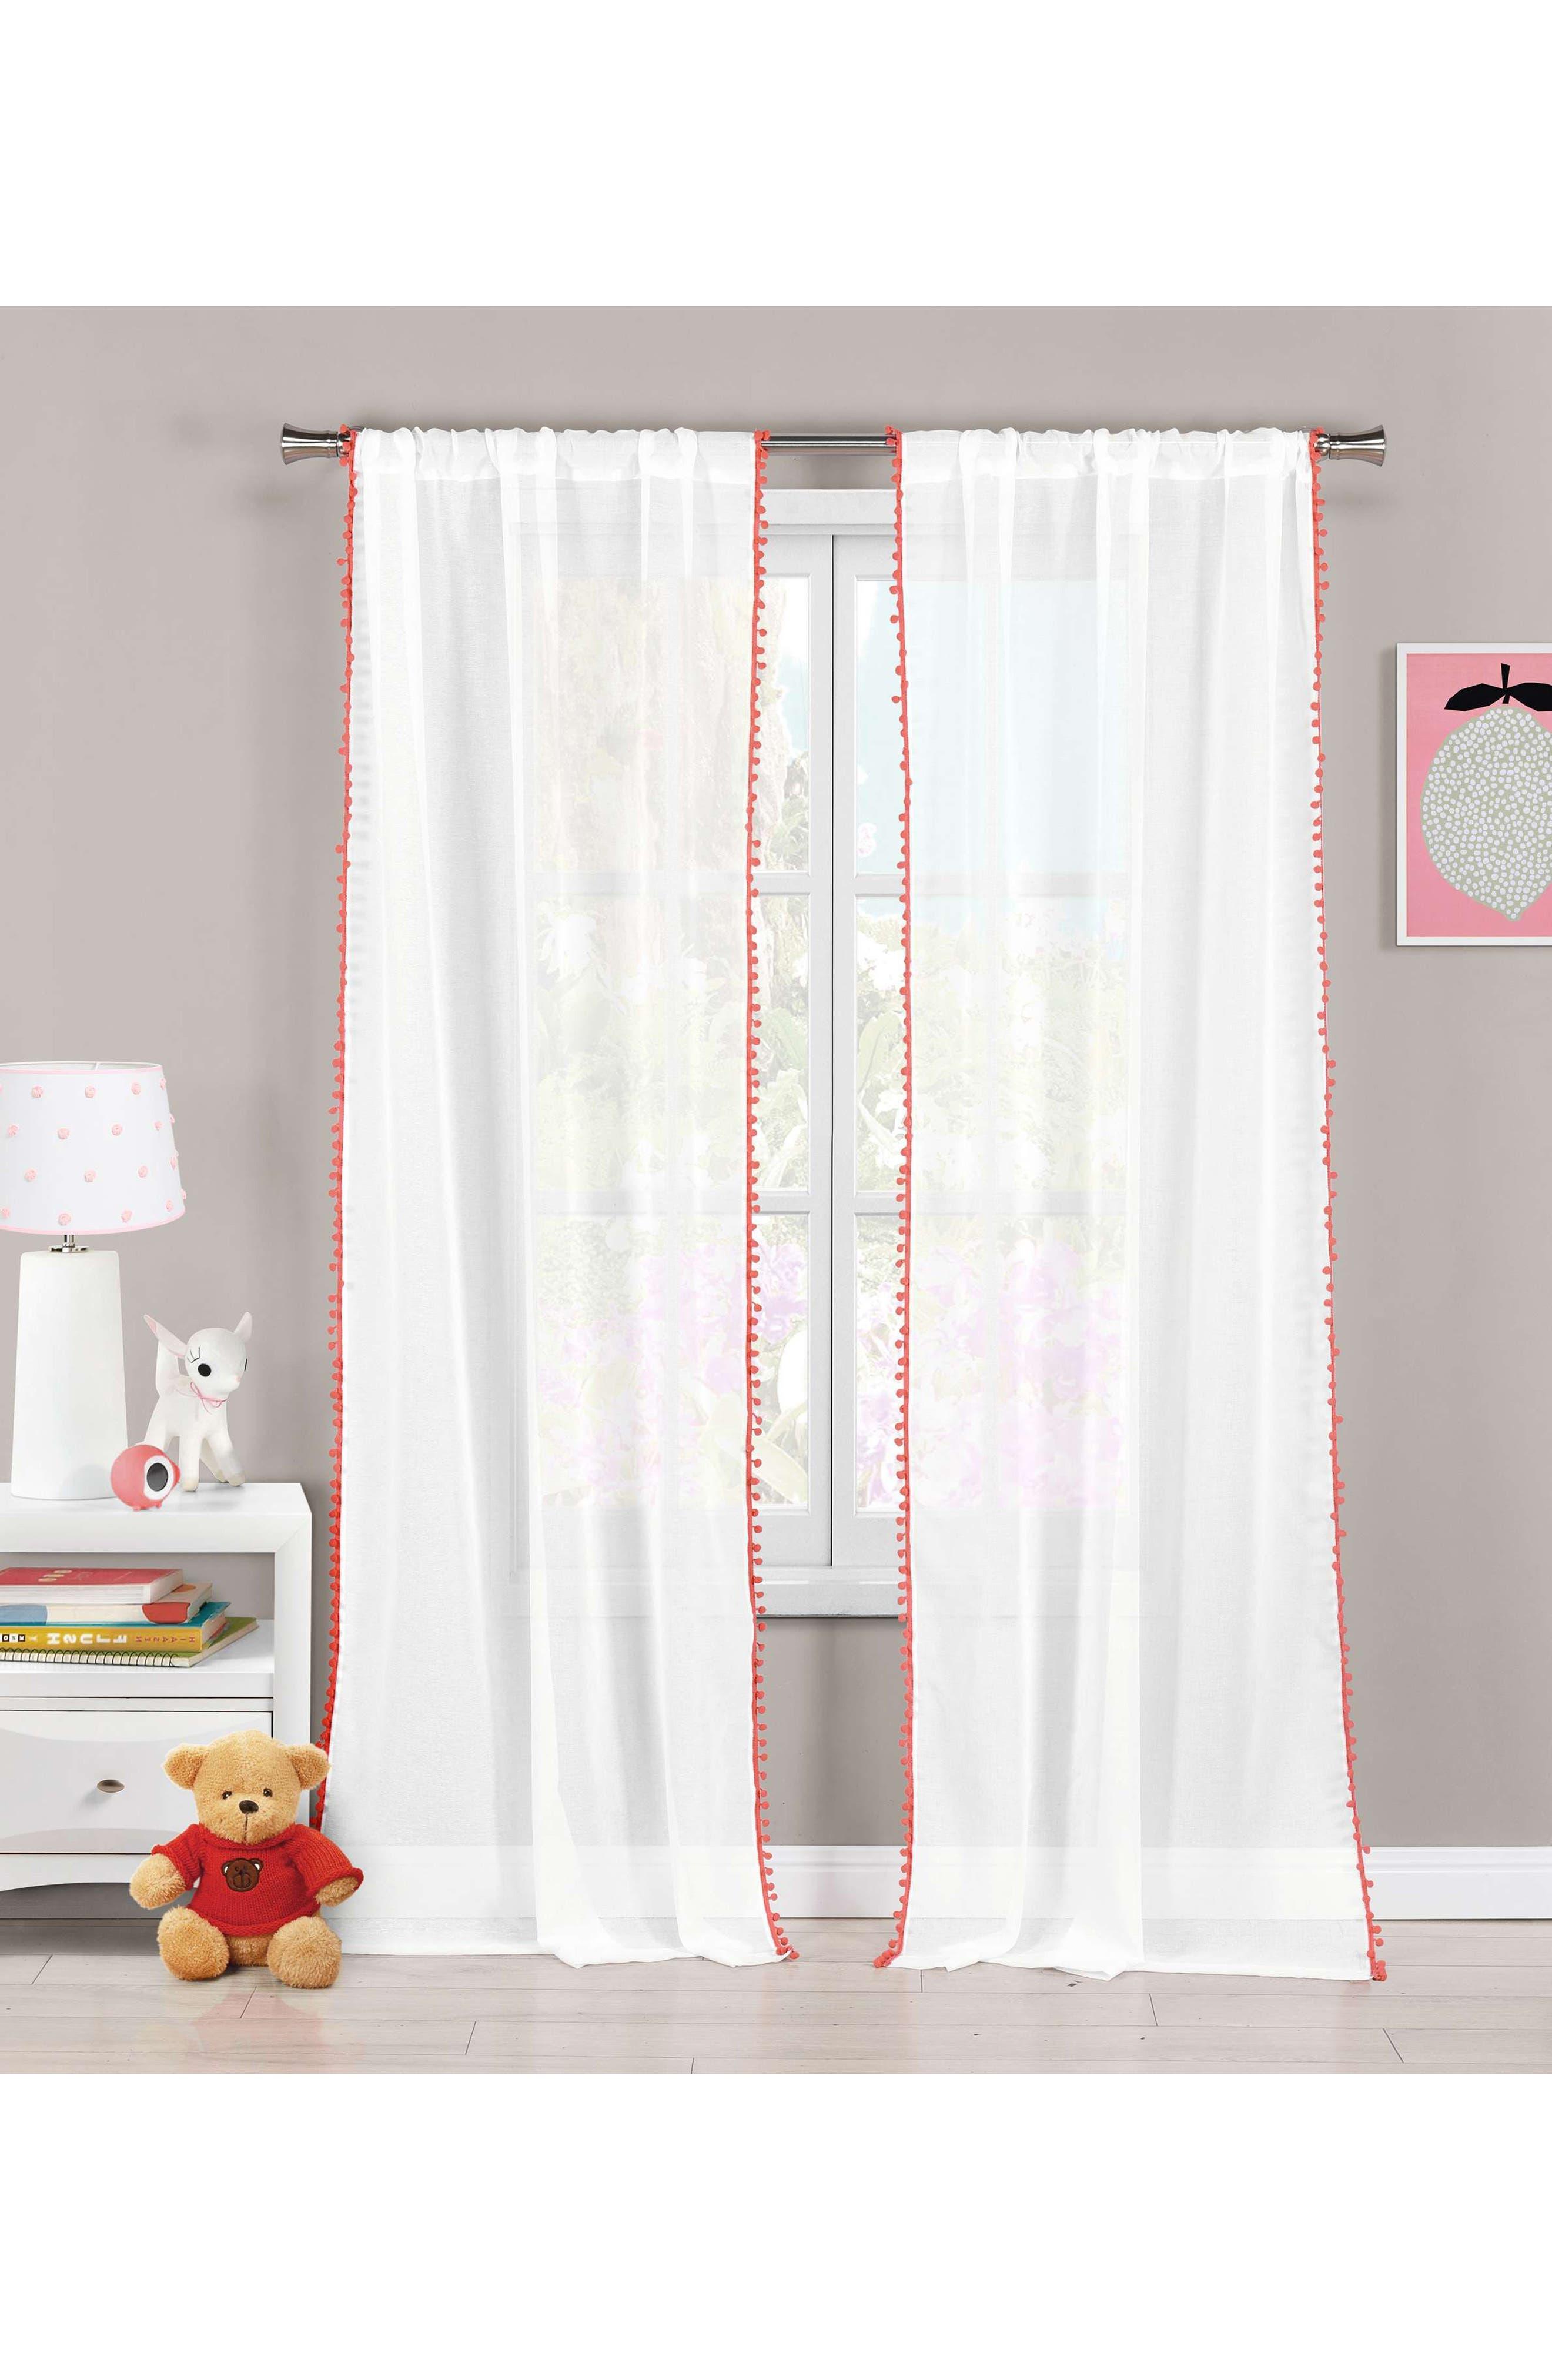 LALA + BASH Aveline Pom Trim Curtain Panels